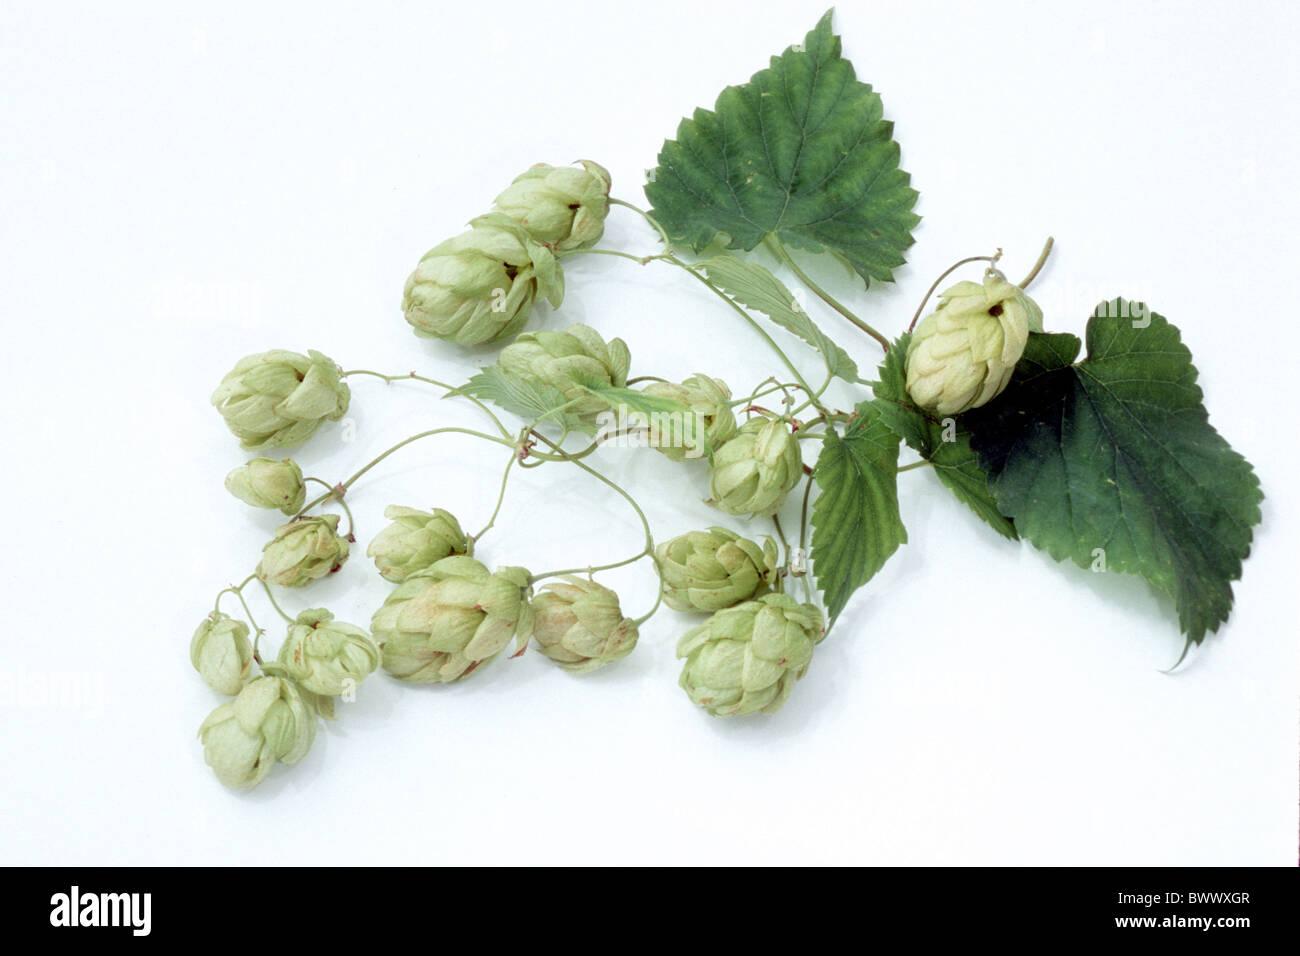 Gemeinsamen Hopfen (Humulus Lupulus), Ranke mit Blättern und Früchten, Studio Bild. Stockbild